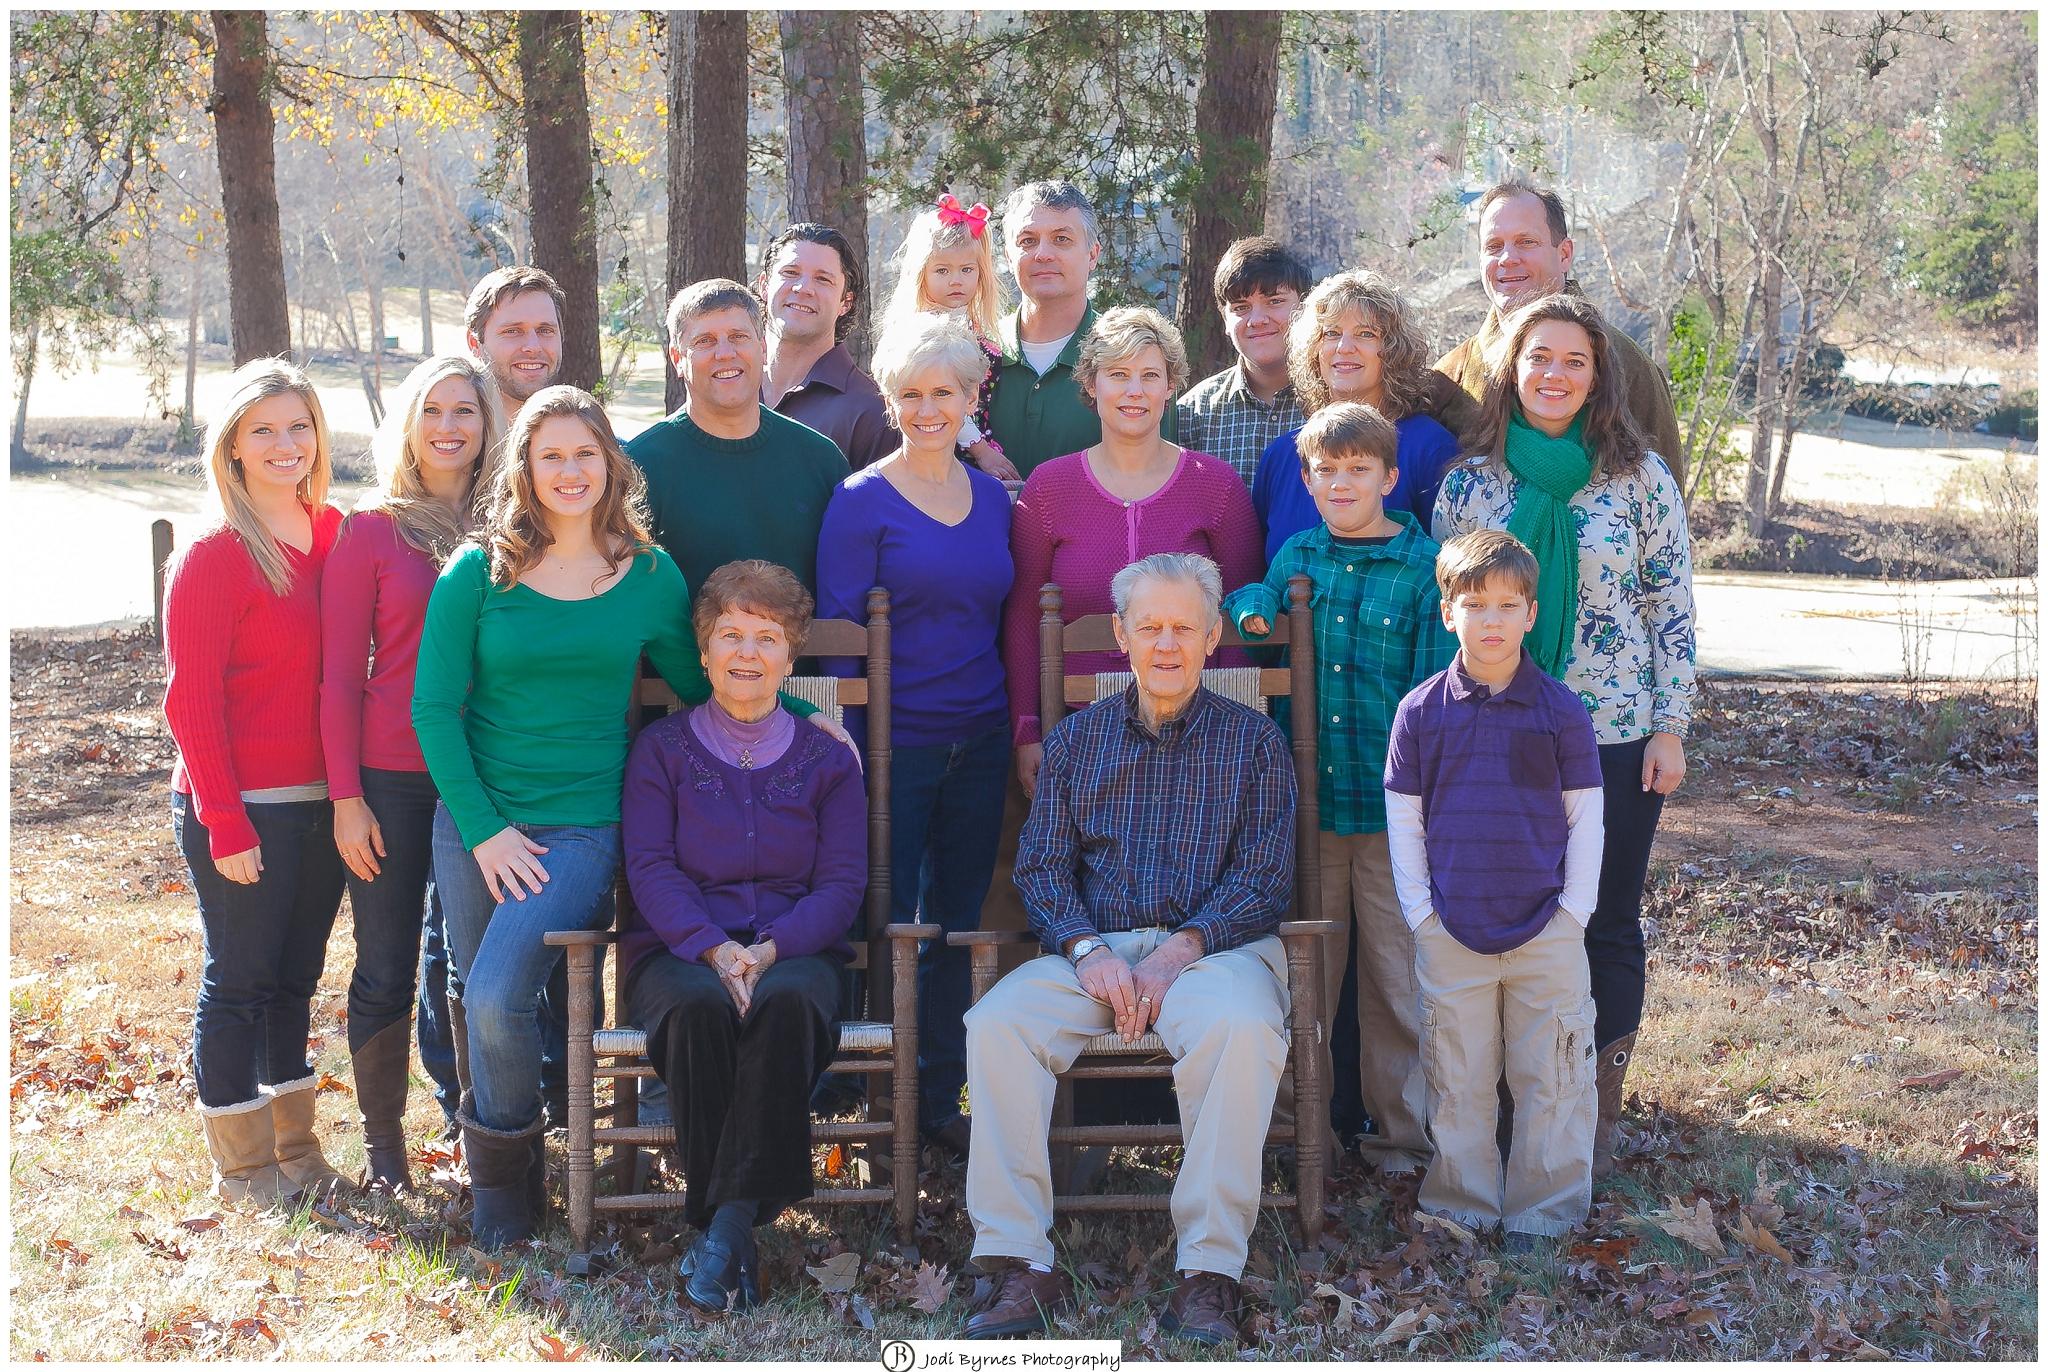 large family photoshoot